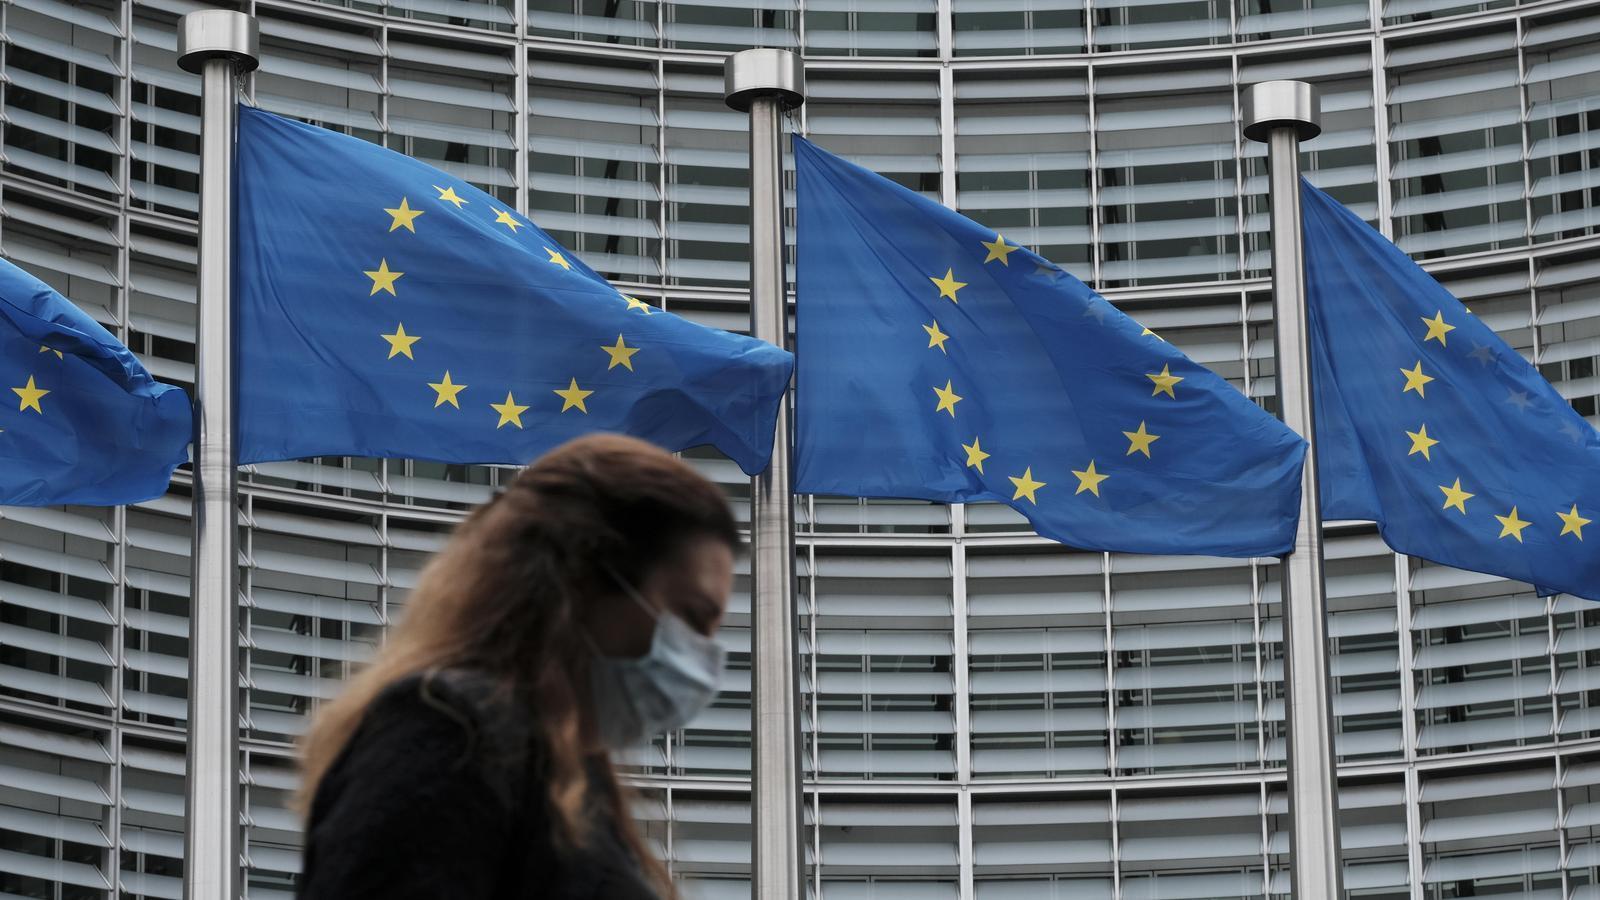 El PIB de l'eurozona cau un històric 12,1% el segon trimestre de l'any